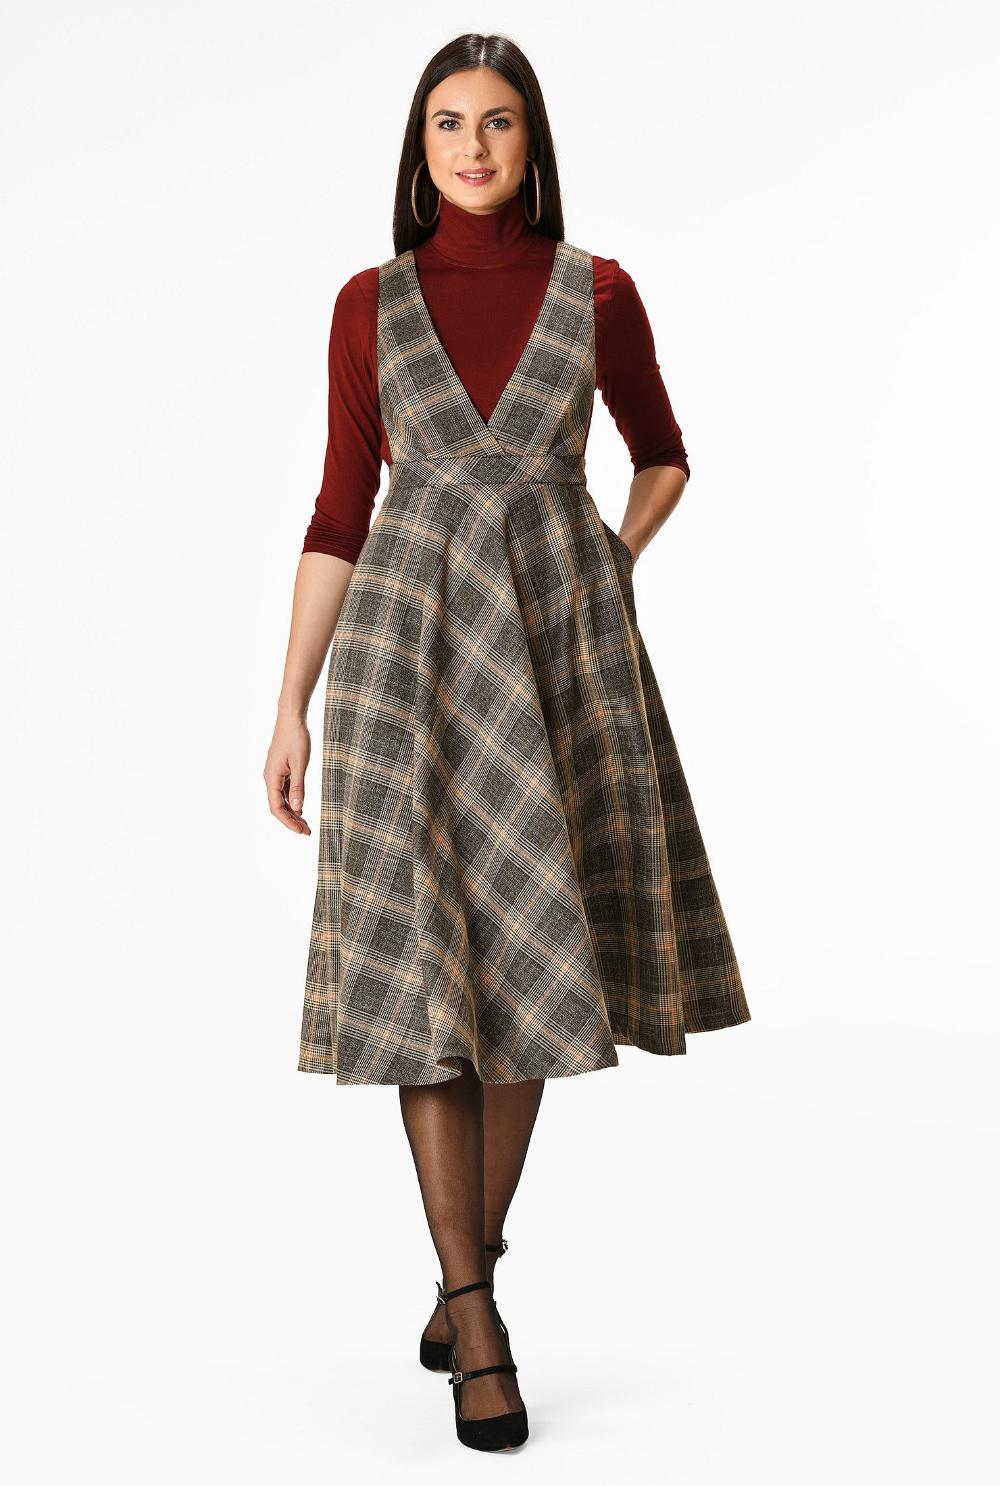 31+ Plaid jumper dress info